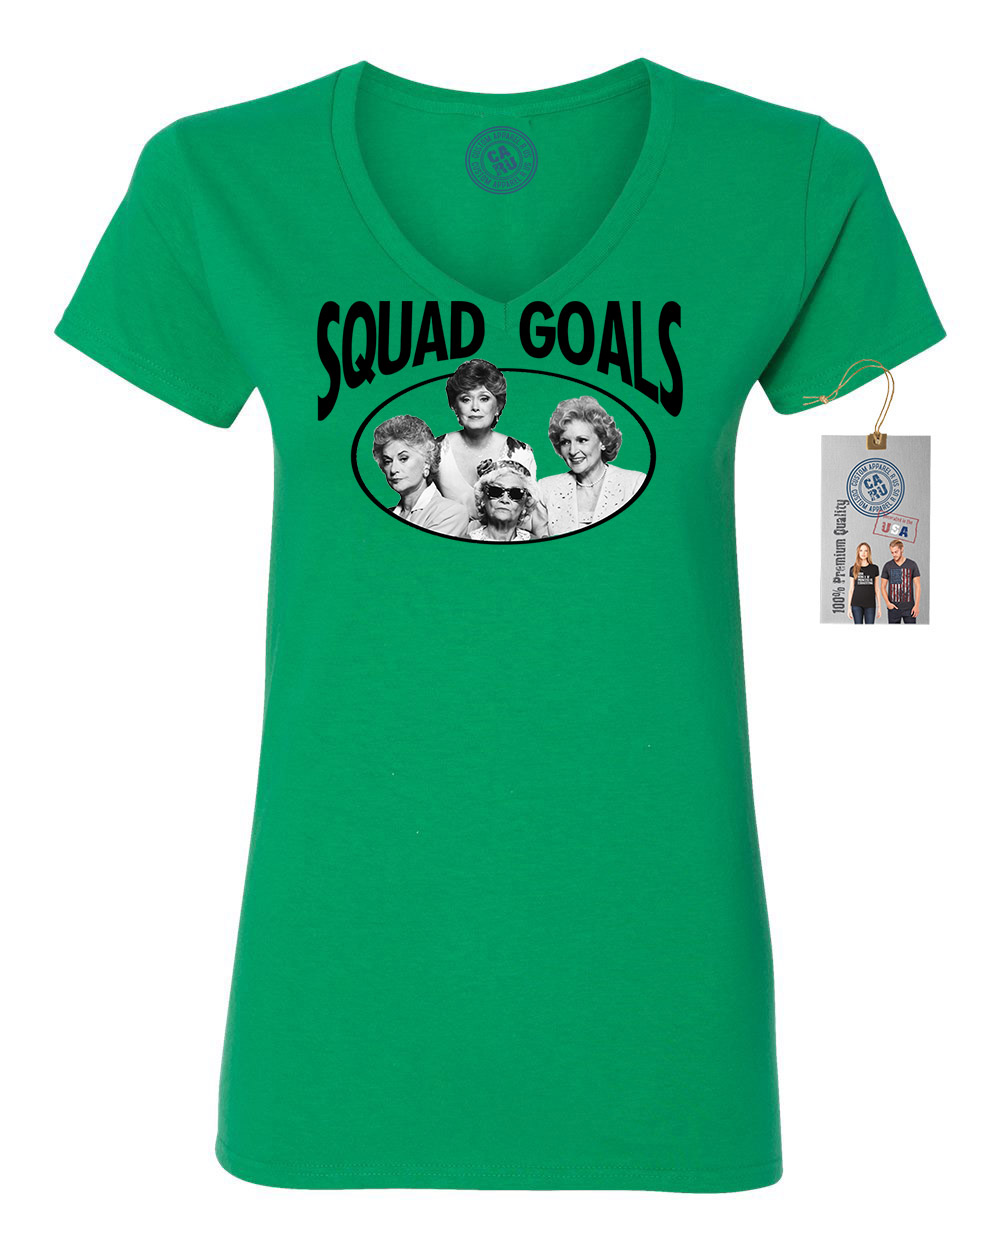 Golden Girls TV Show Squad Goals Womens VNeck Shirt Top